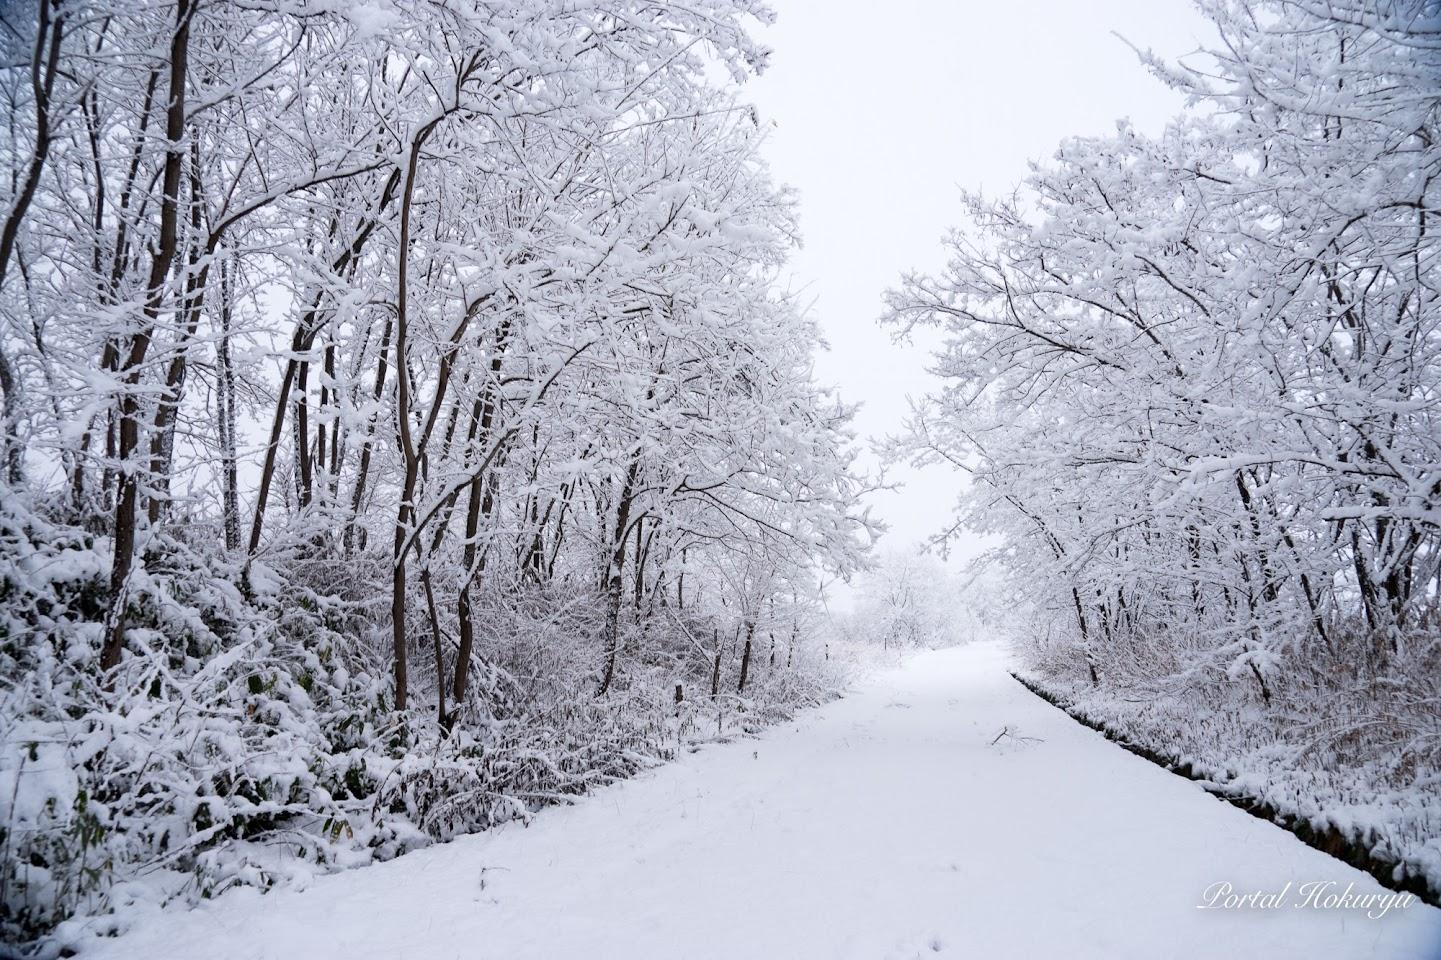 雪をかぶった樹木の白いトンネル